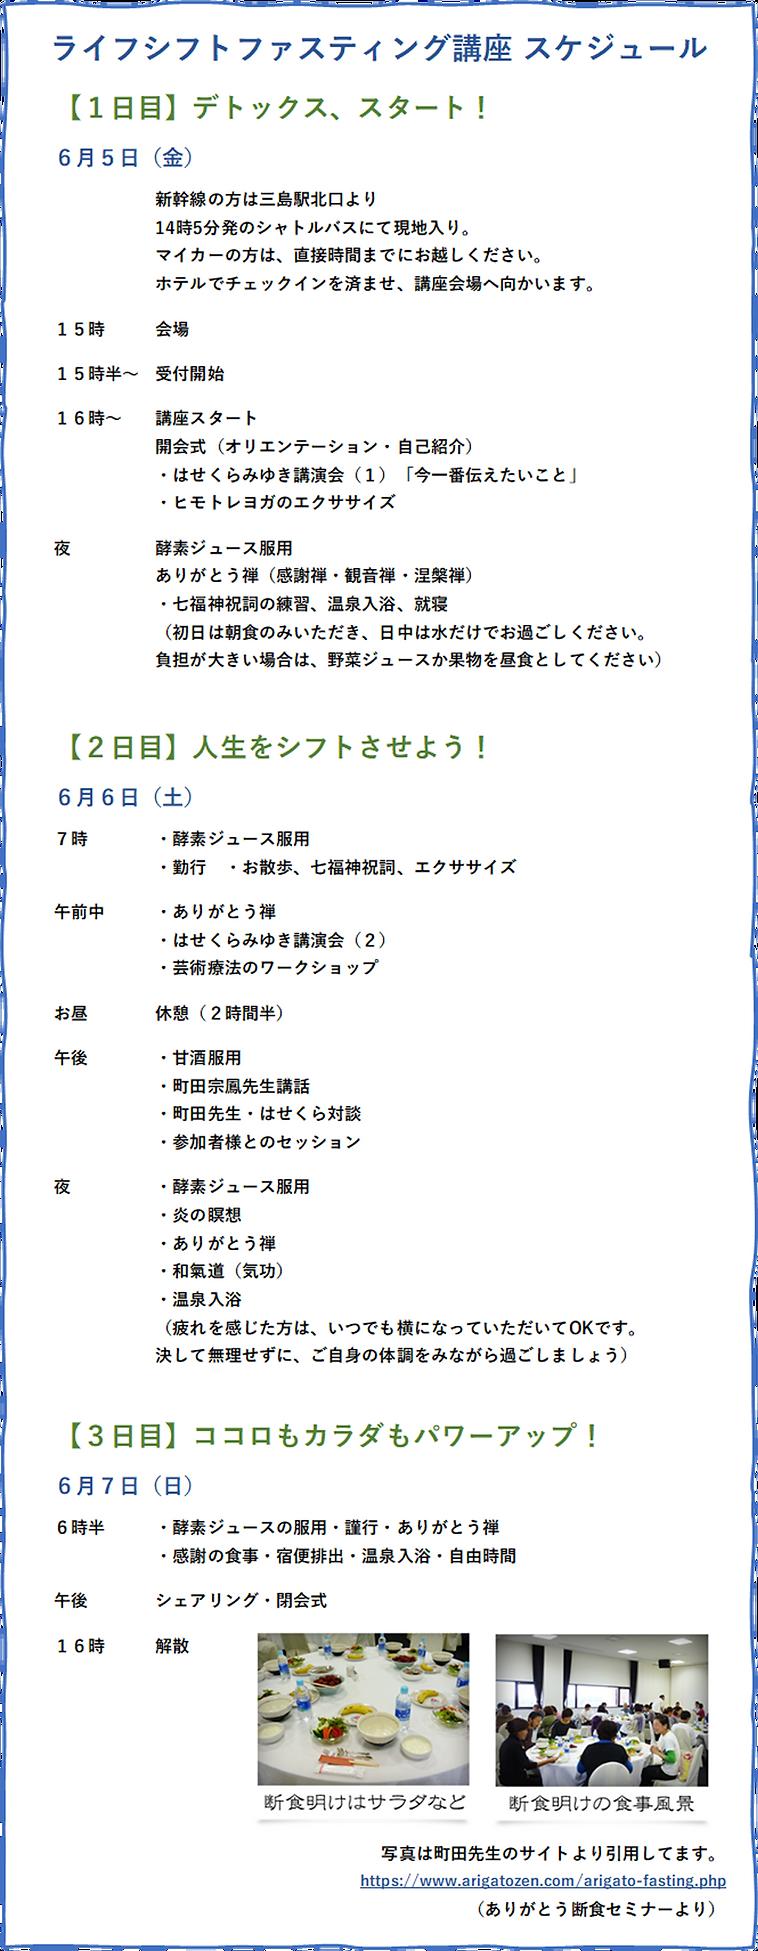 ライフシフトファスティング講座 スケジュール表 2.png